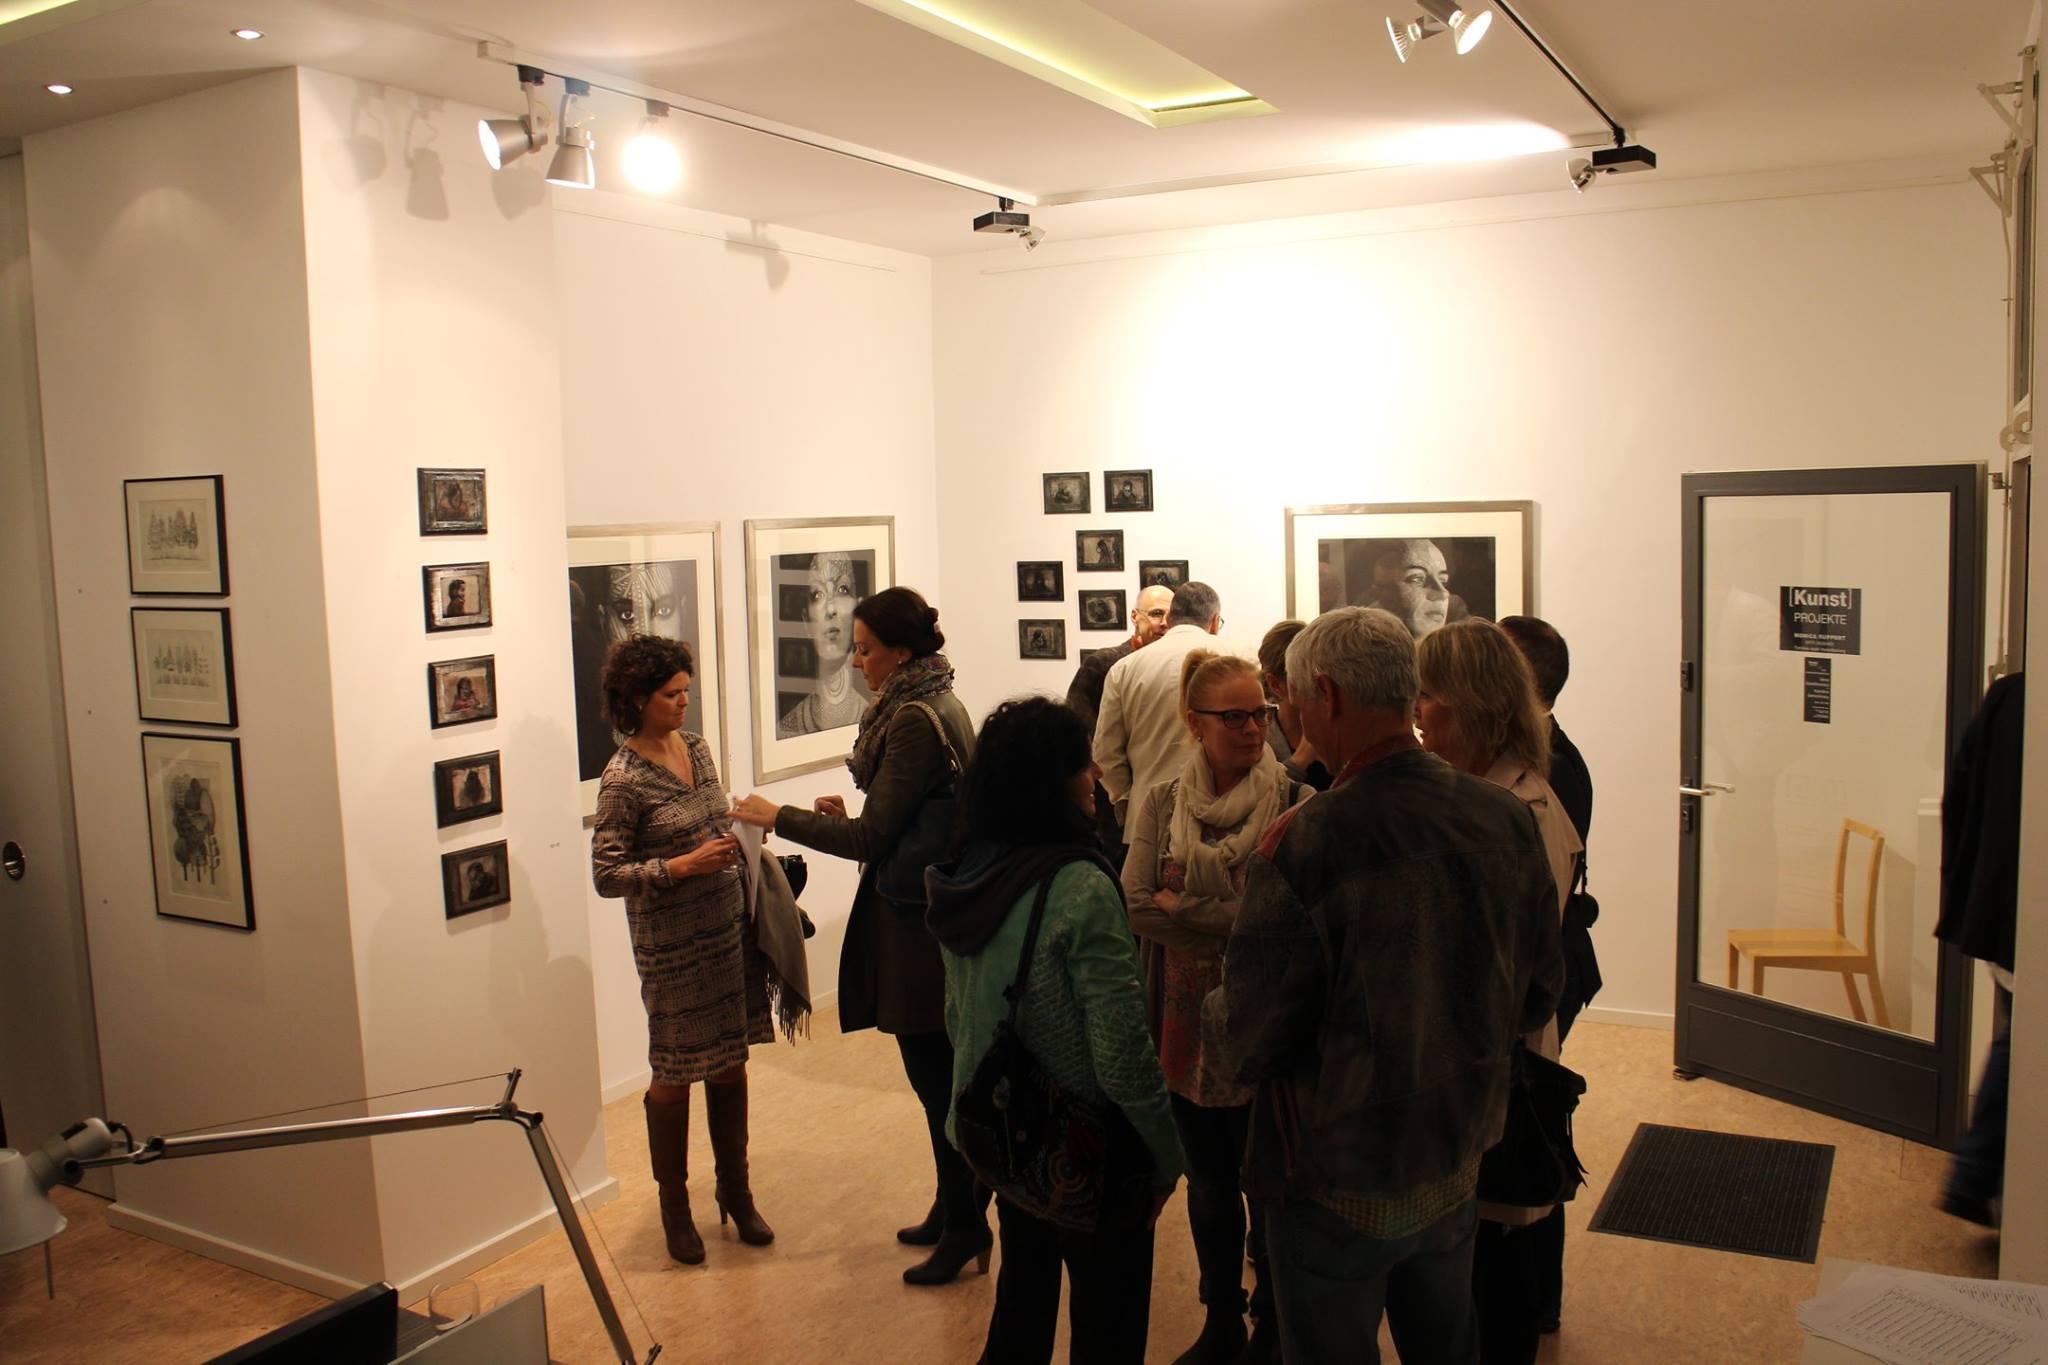 Ausstellung bei Kunstprojekte in Mannheim